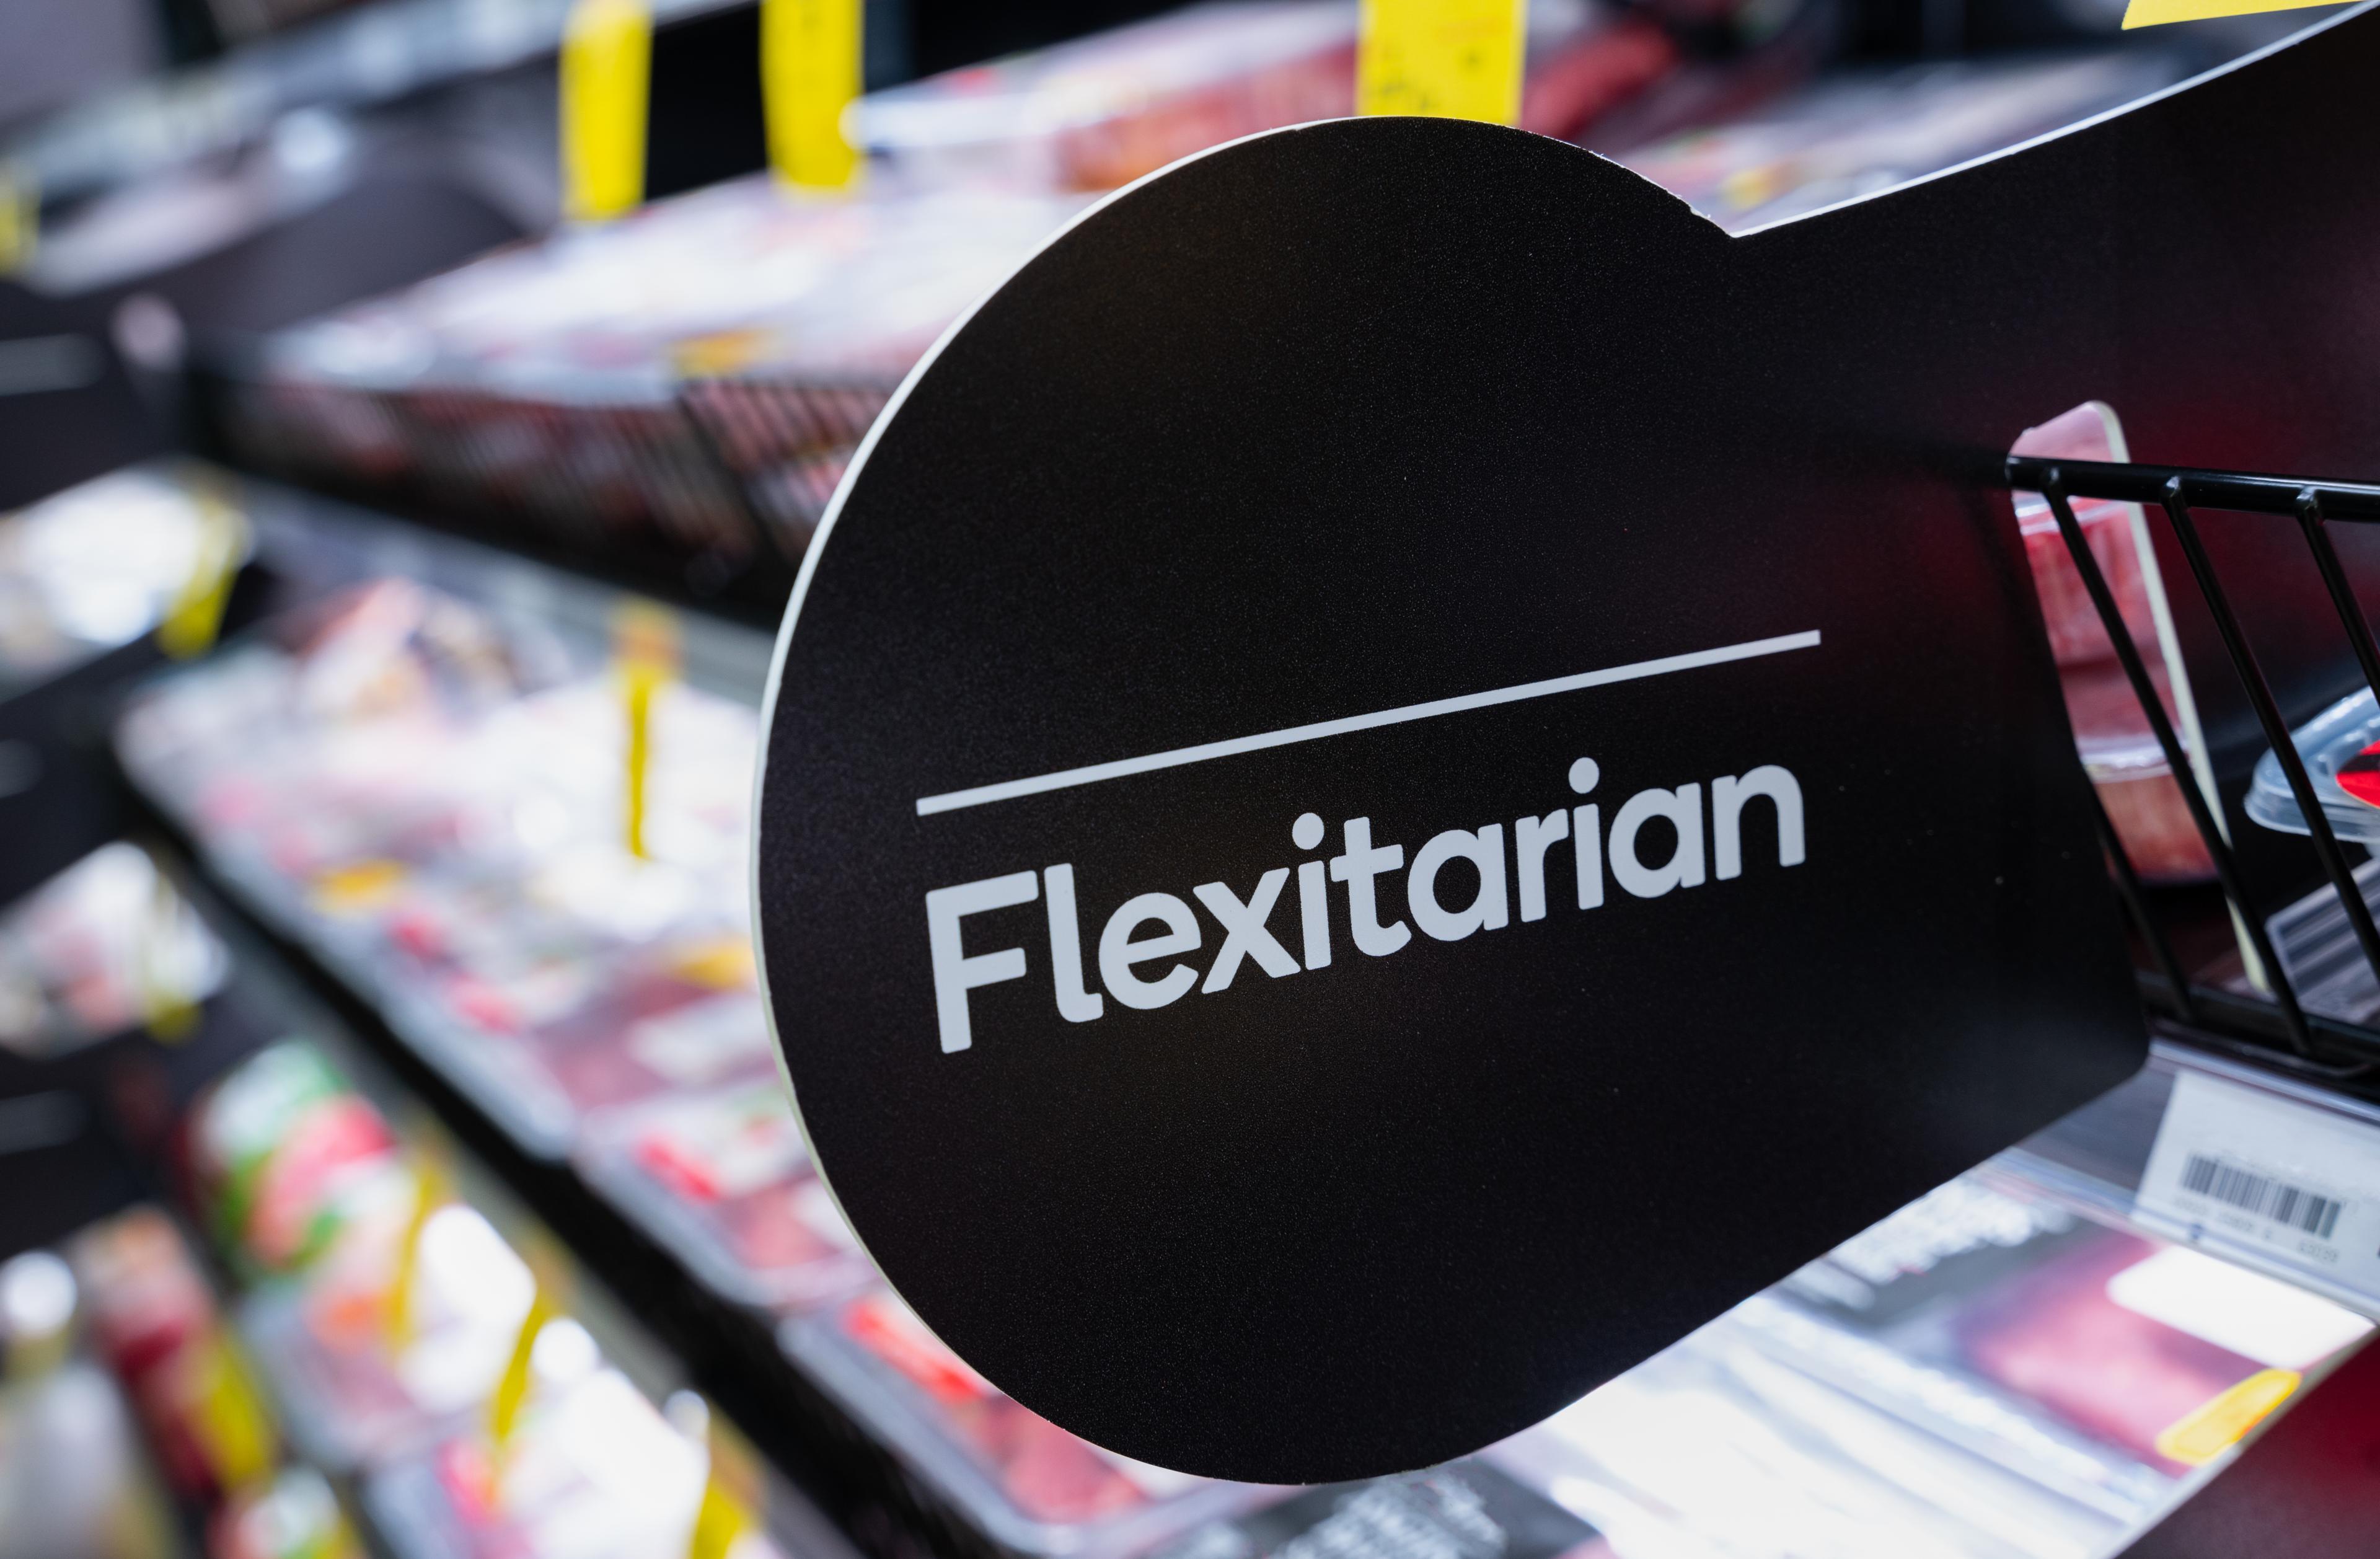 Naambordje 'Flexitarian'